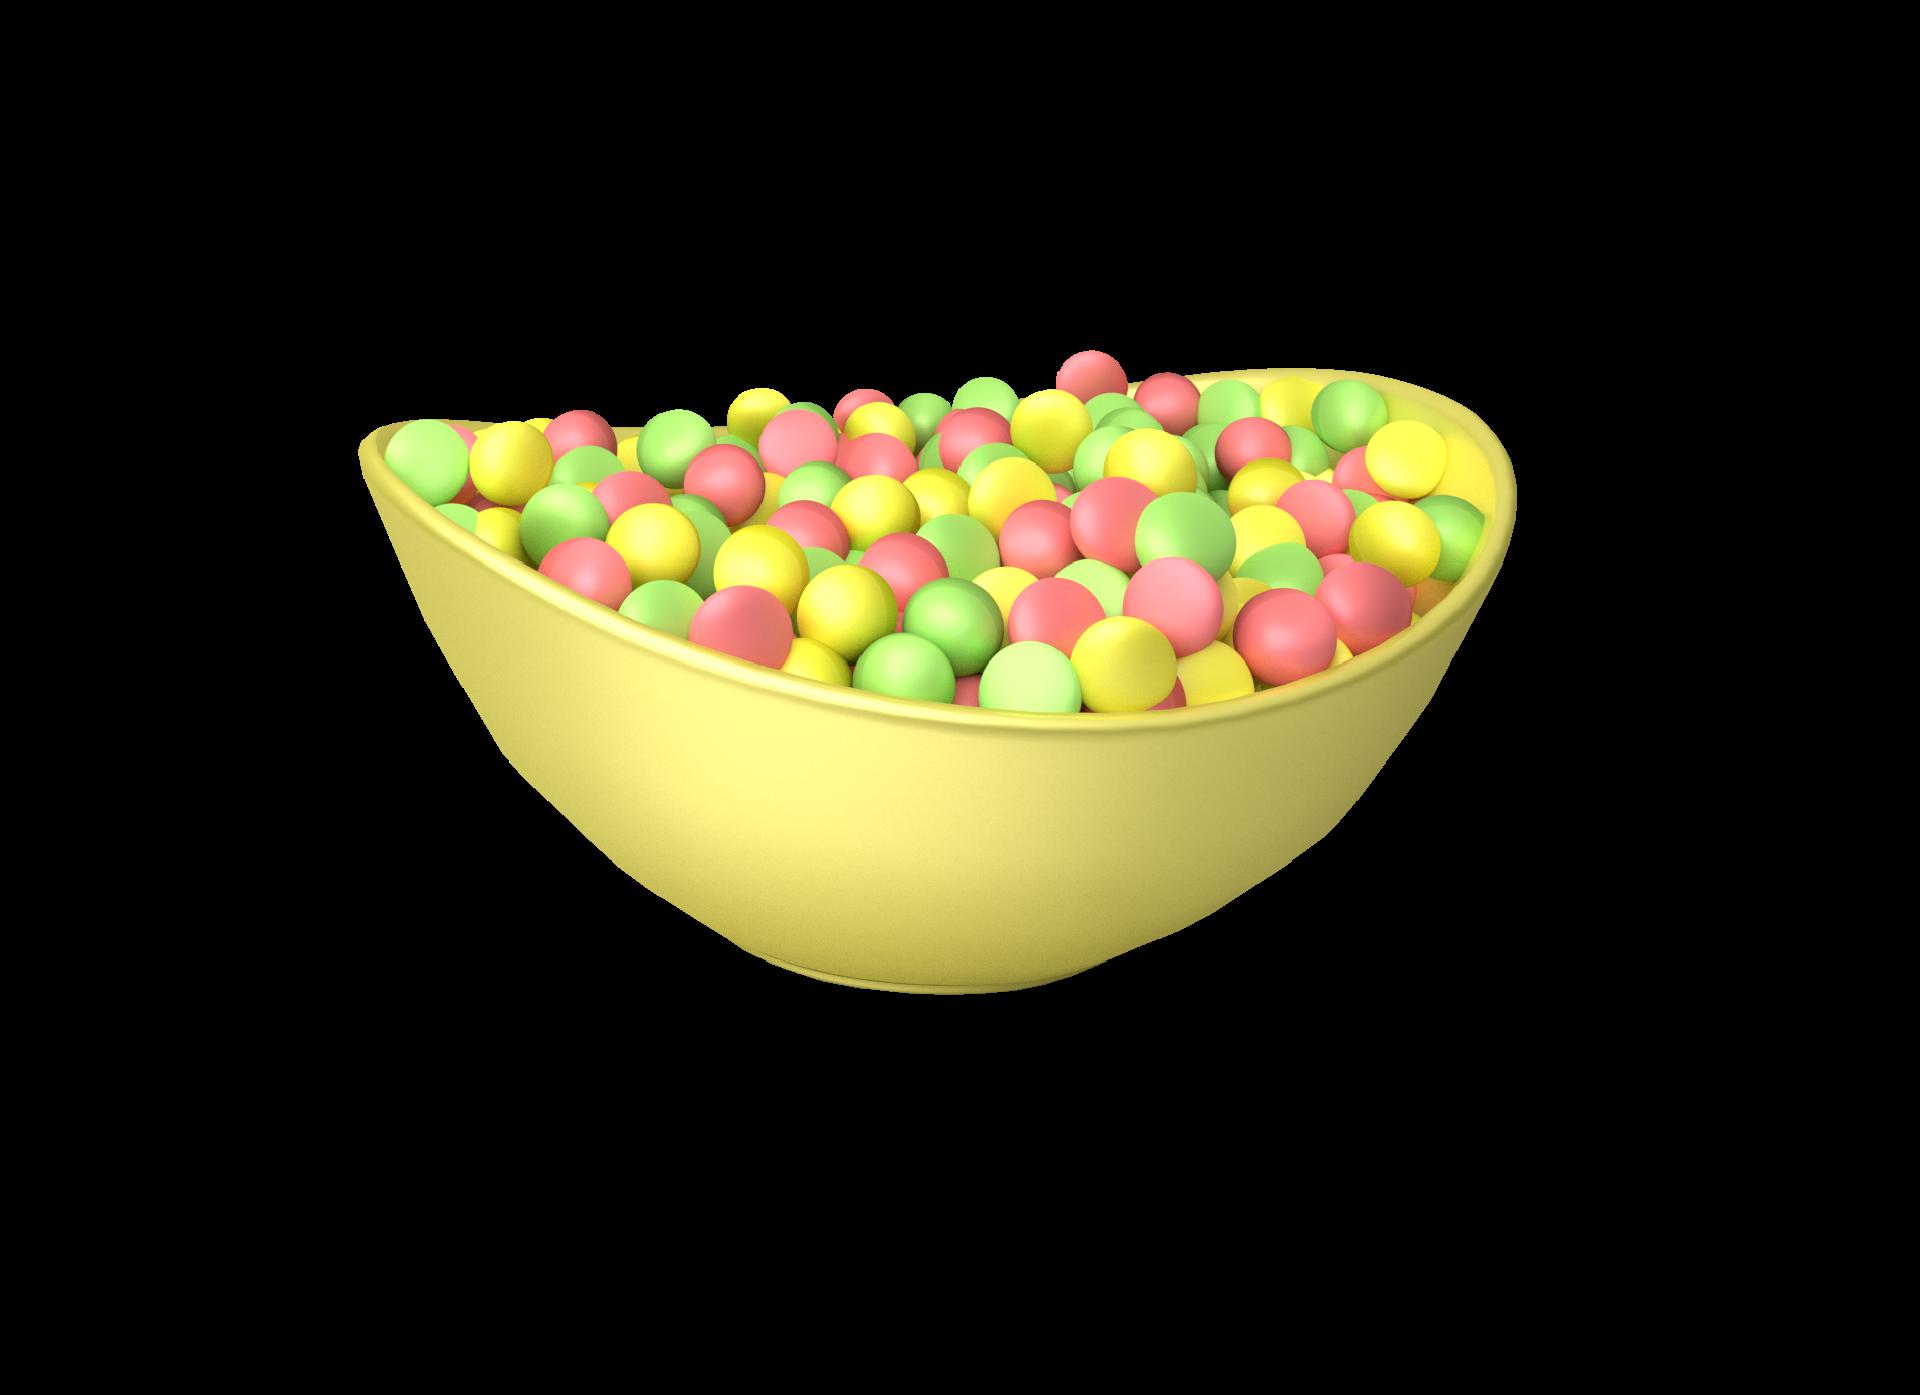 Sourrageous Drops bowl background